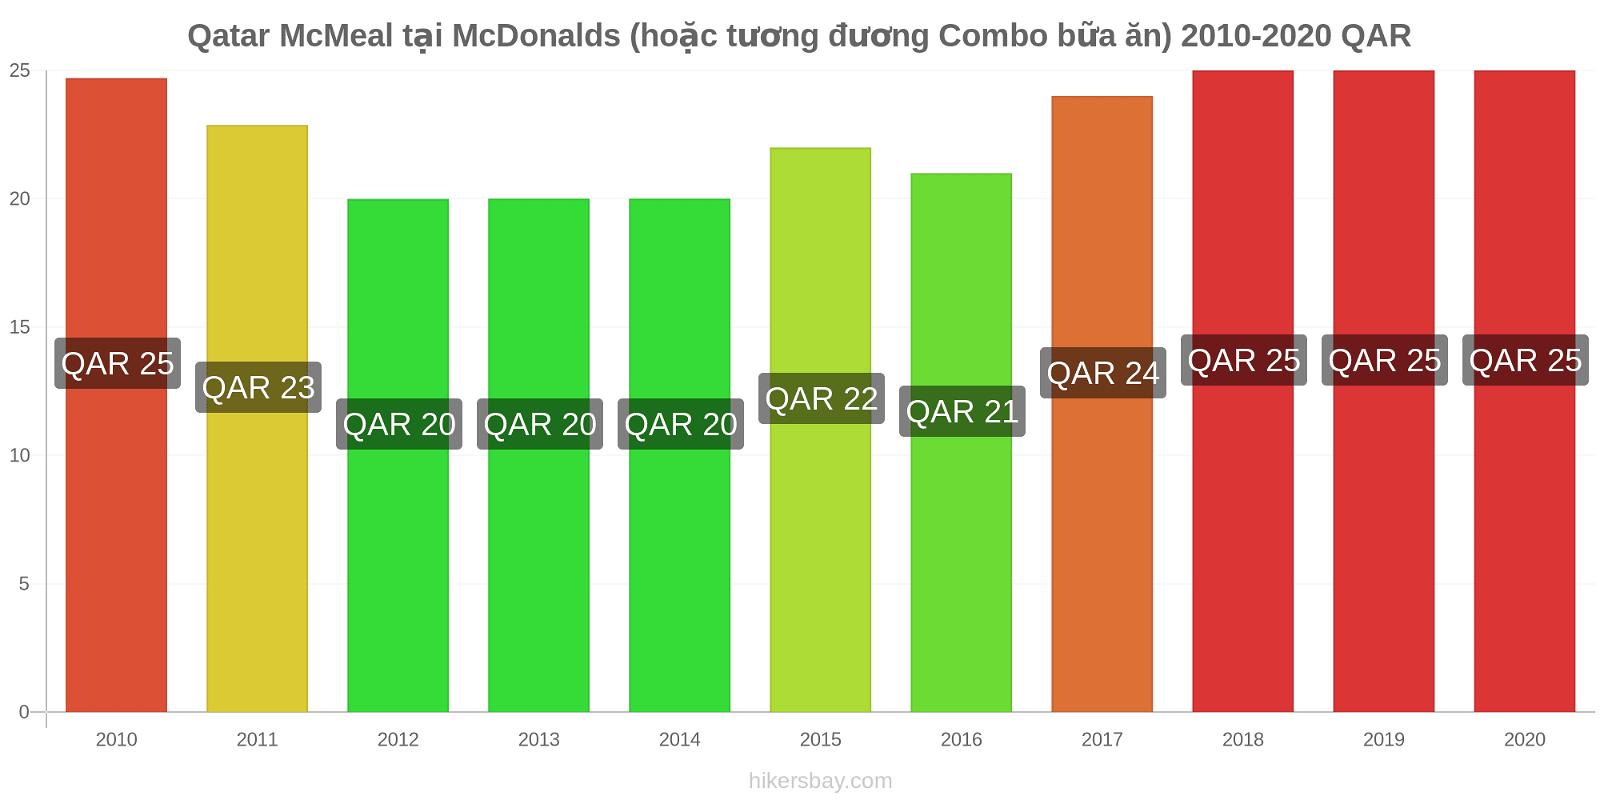 Qatar thay đổi giá McMeal tại McDonalds (hoặc tương đương Combo bữa ăn) hikersbay.com